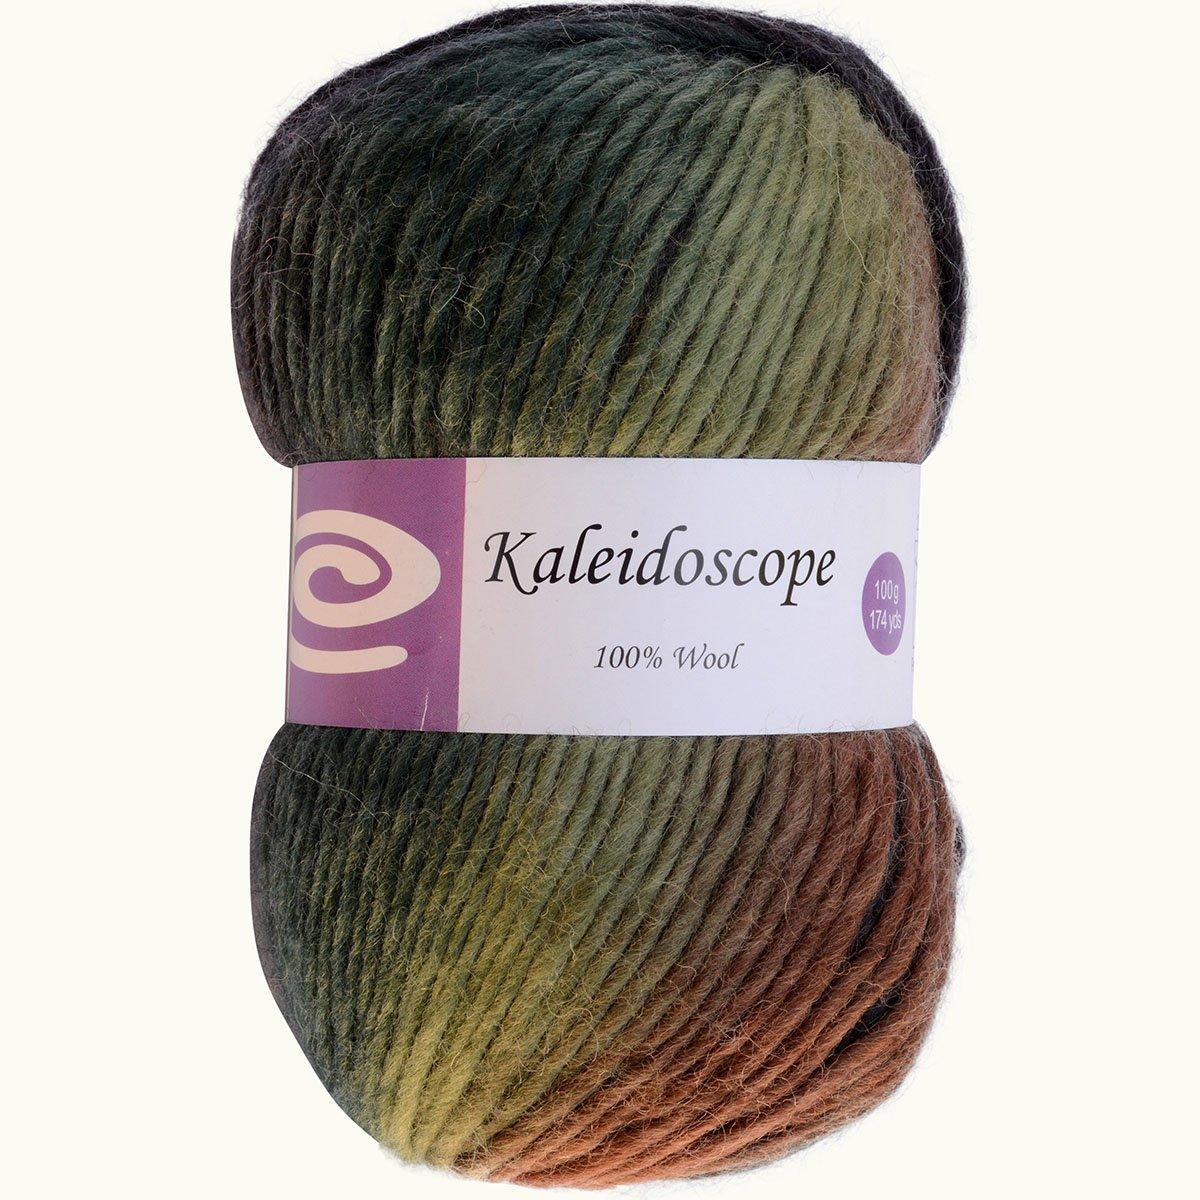 Elegant Yarns Kaleidoscope Yarn, Forest 147-64